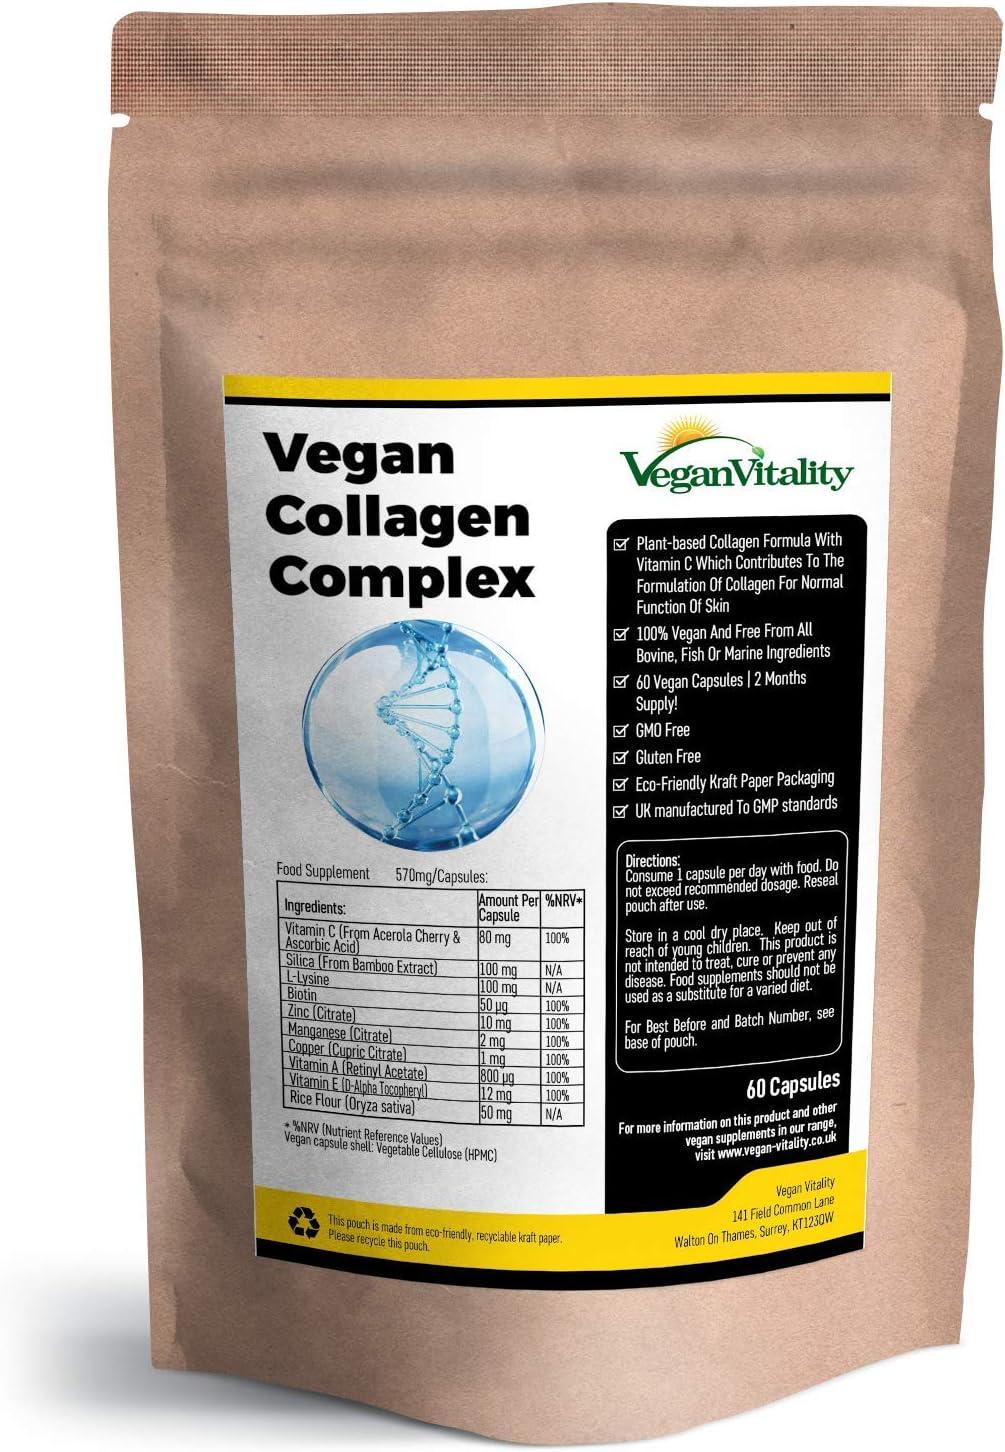 Suplemento De Colágeno Vegano Con Biotina, Liosina, Sílice De Bambú, Zinc, Vitamina C, E, Y A Para Piel, Pelo, Uñas, Articulaciones Y Huesos | Suministro De 2 Meses | Vegano Y Vegetariano | Natural